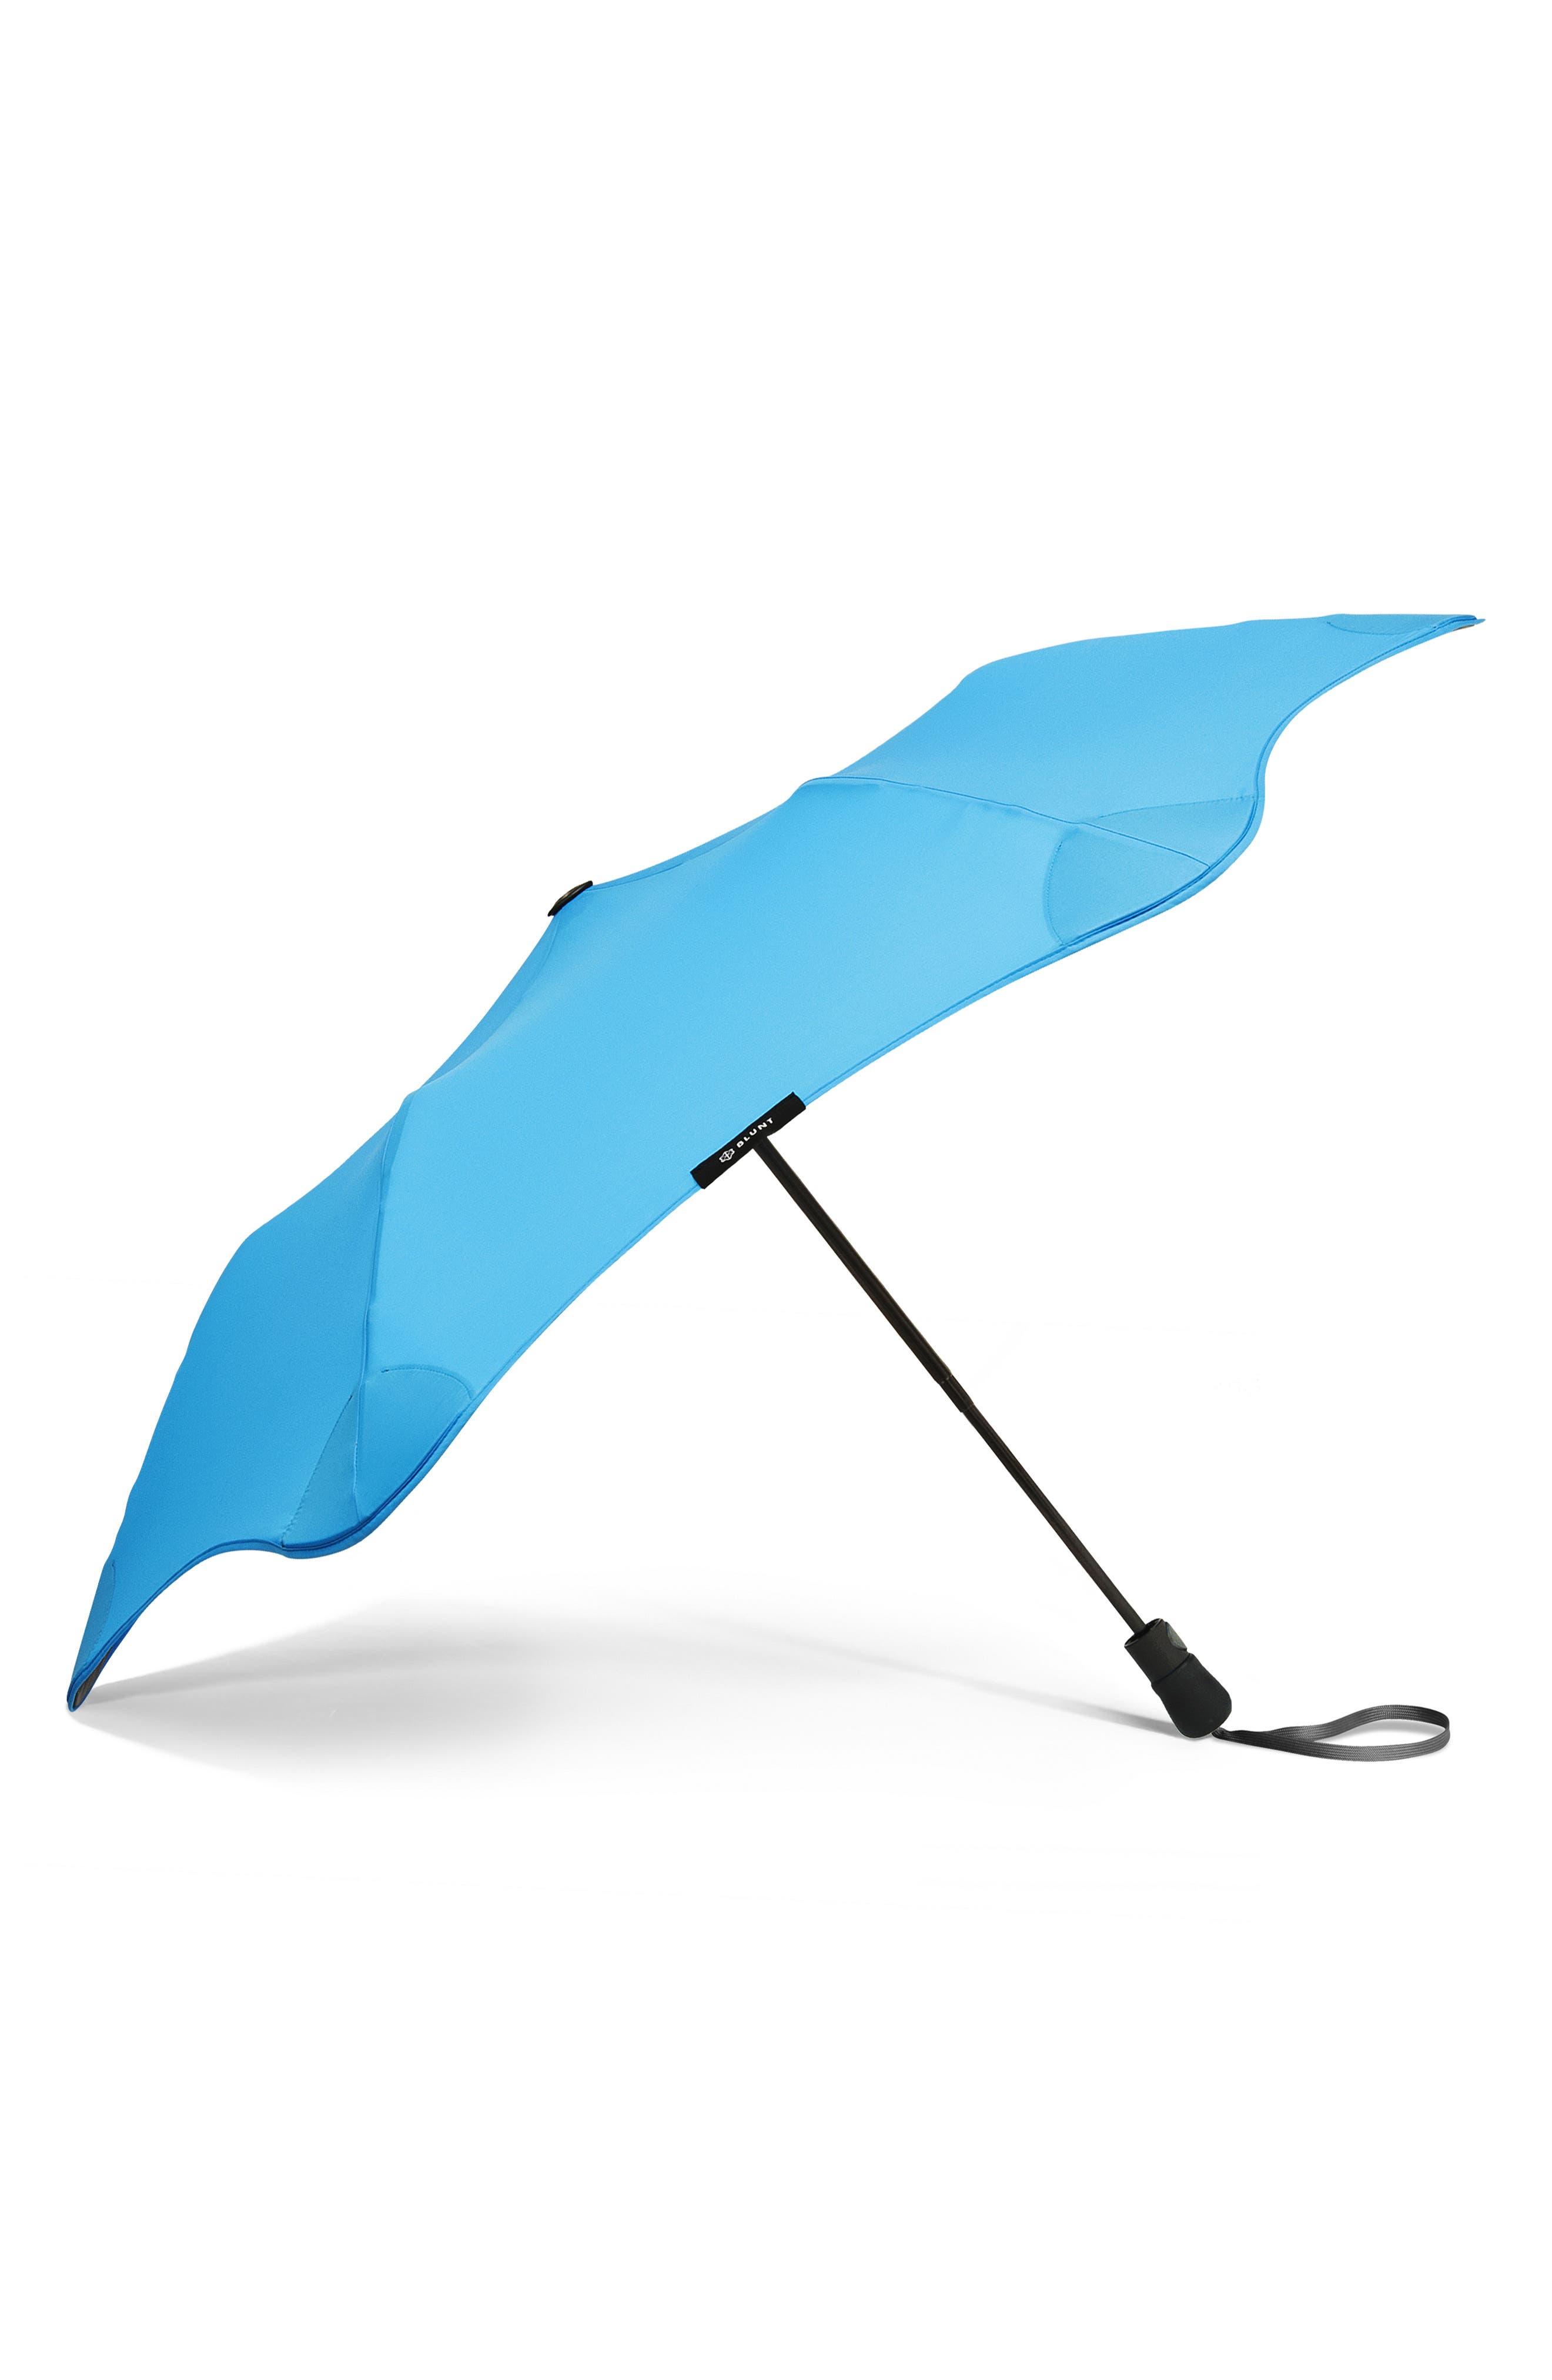 Metro Umbrella,                         Main,                         color, AQUA BLUE